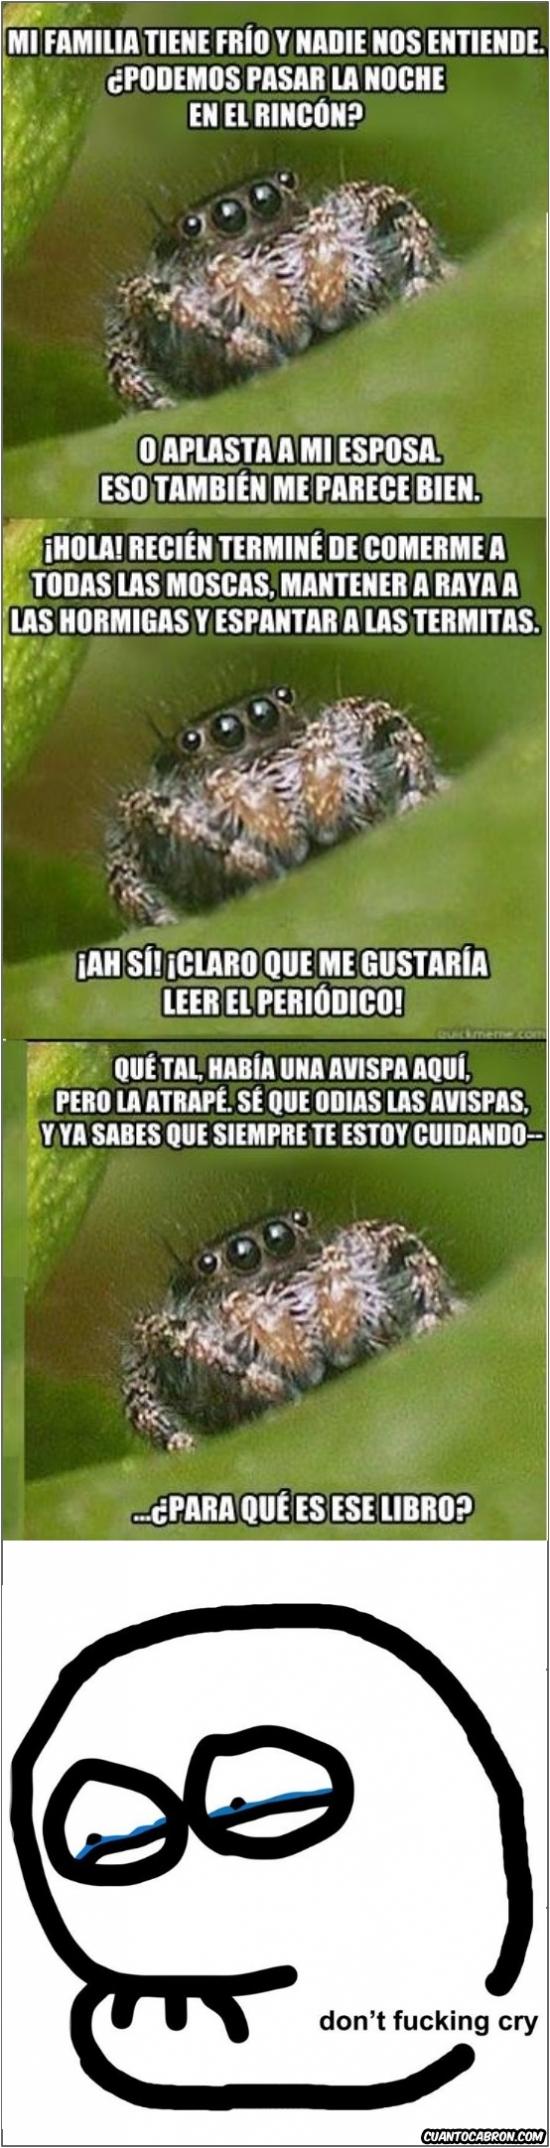 Araña,Casa,don't cry,Llorar,No mateis por matar,Pobrecitas